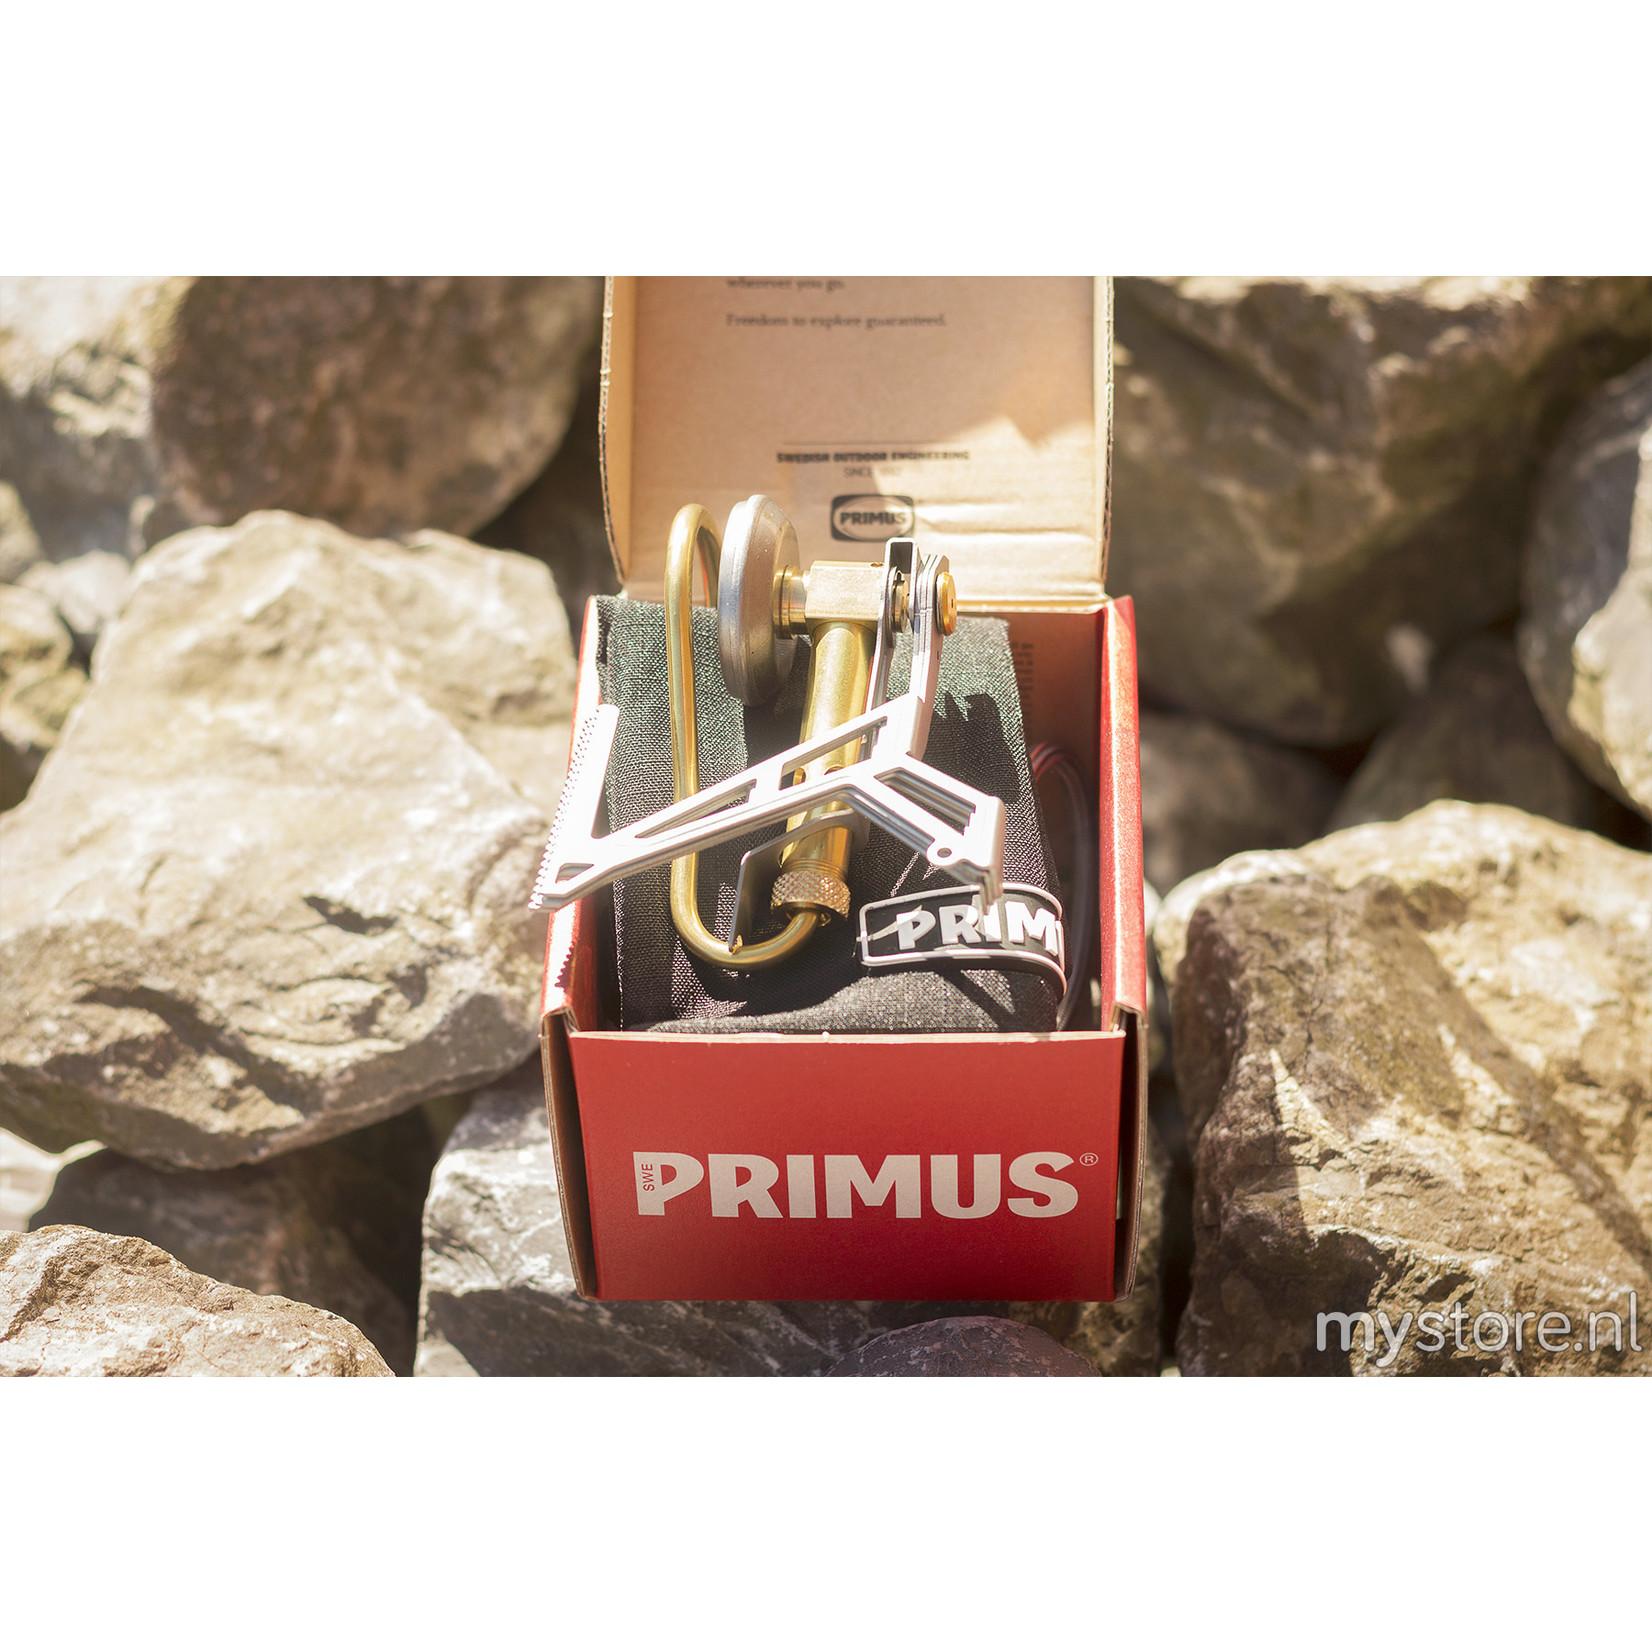 Primus Primus Express Spider 2, lichte gasbrander